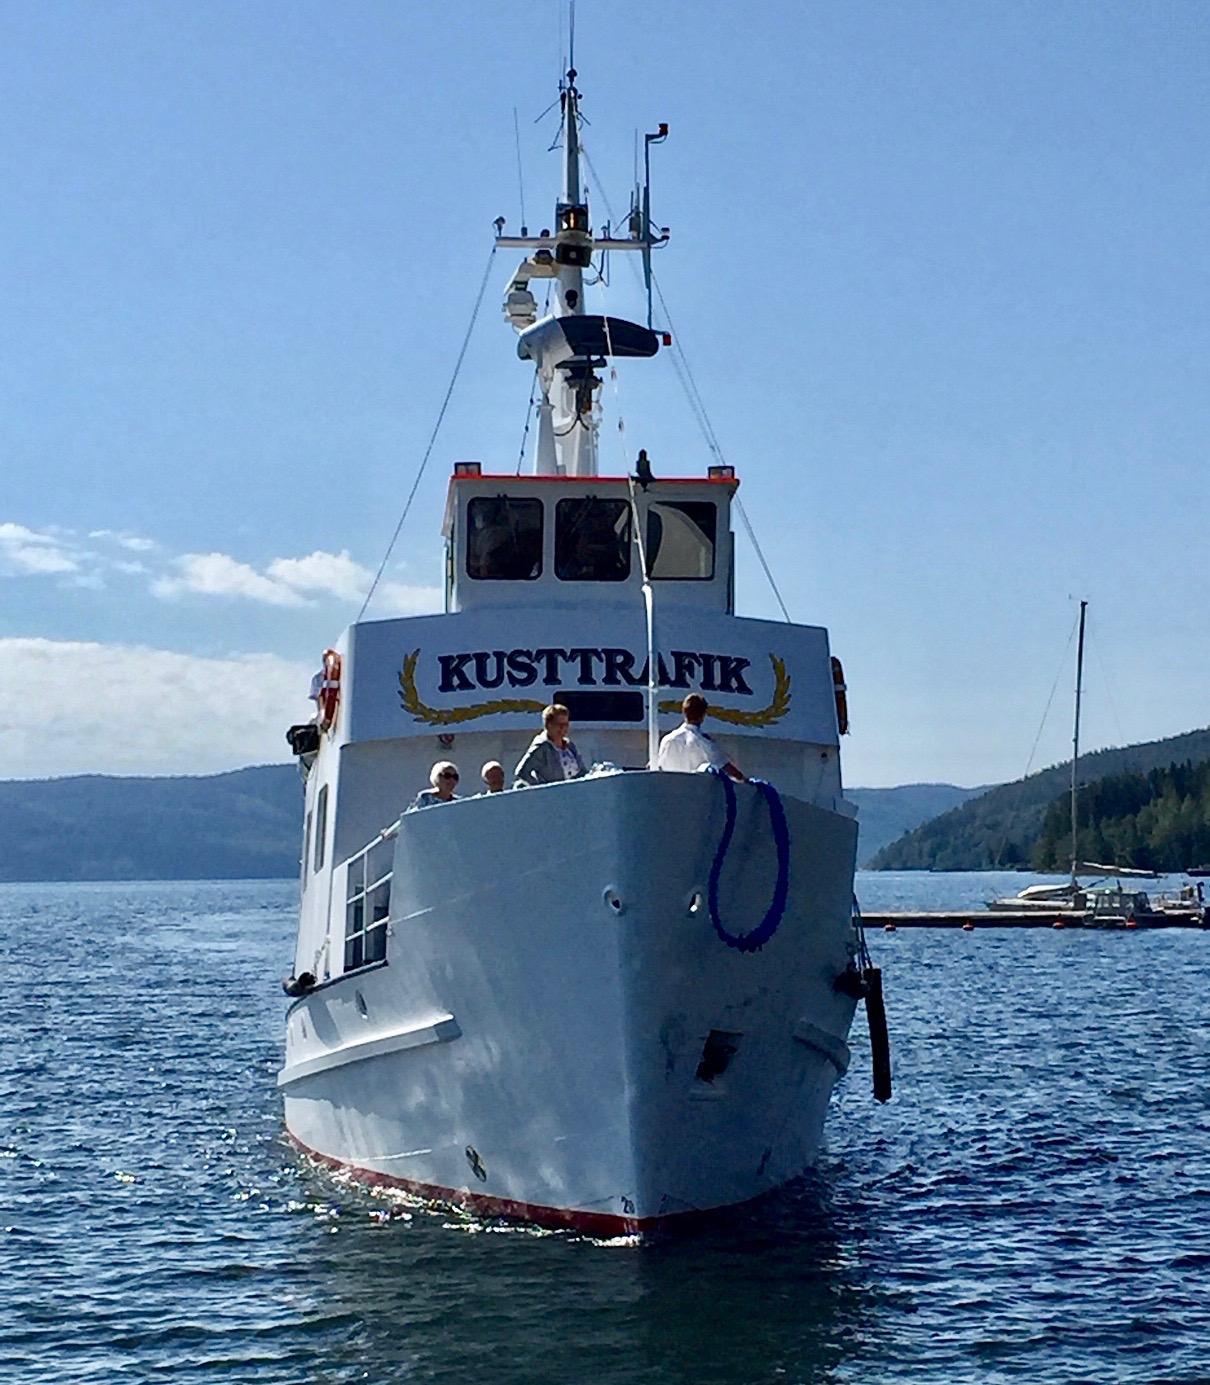 Båten kommer för att hämta oss i Docksta för vidare resa ut til Ulvön.